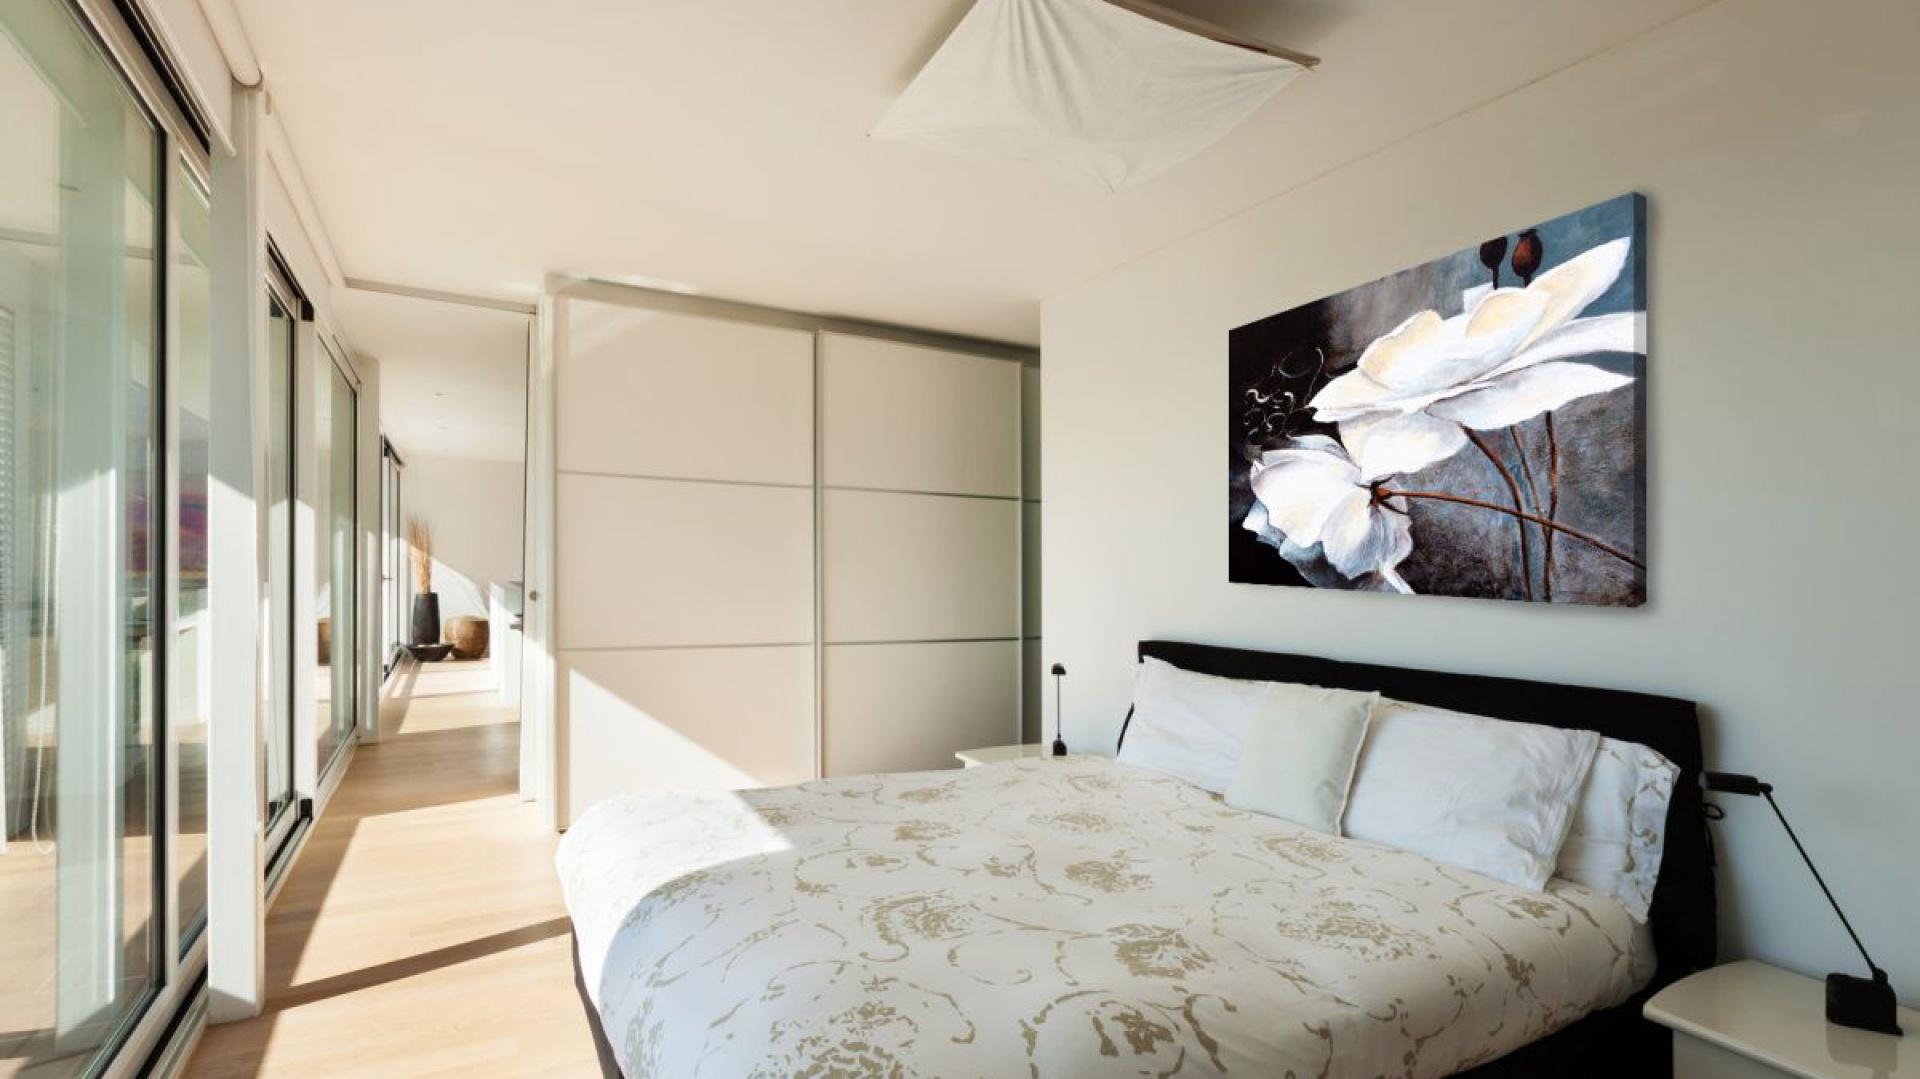 Obrazy I Grafiki Pomysły Na ścianę W Sypialni